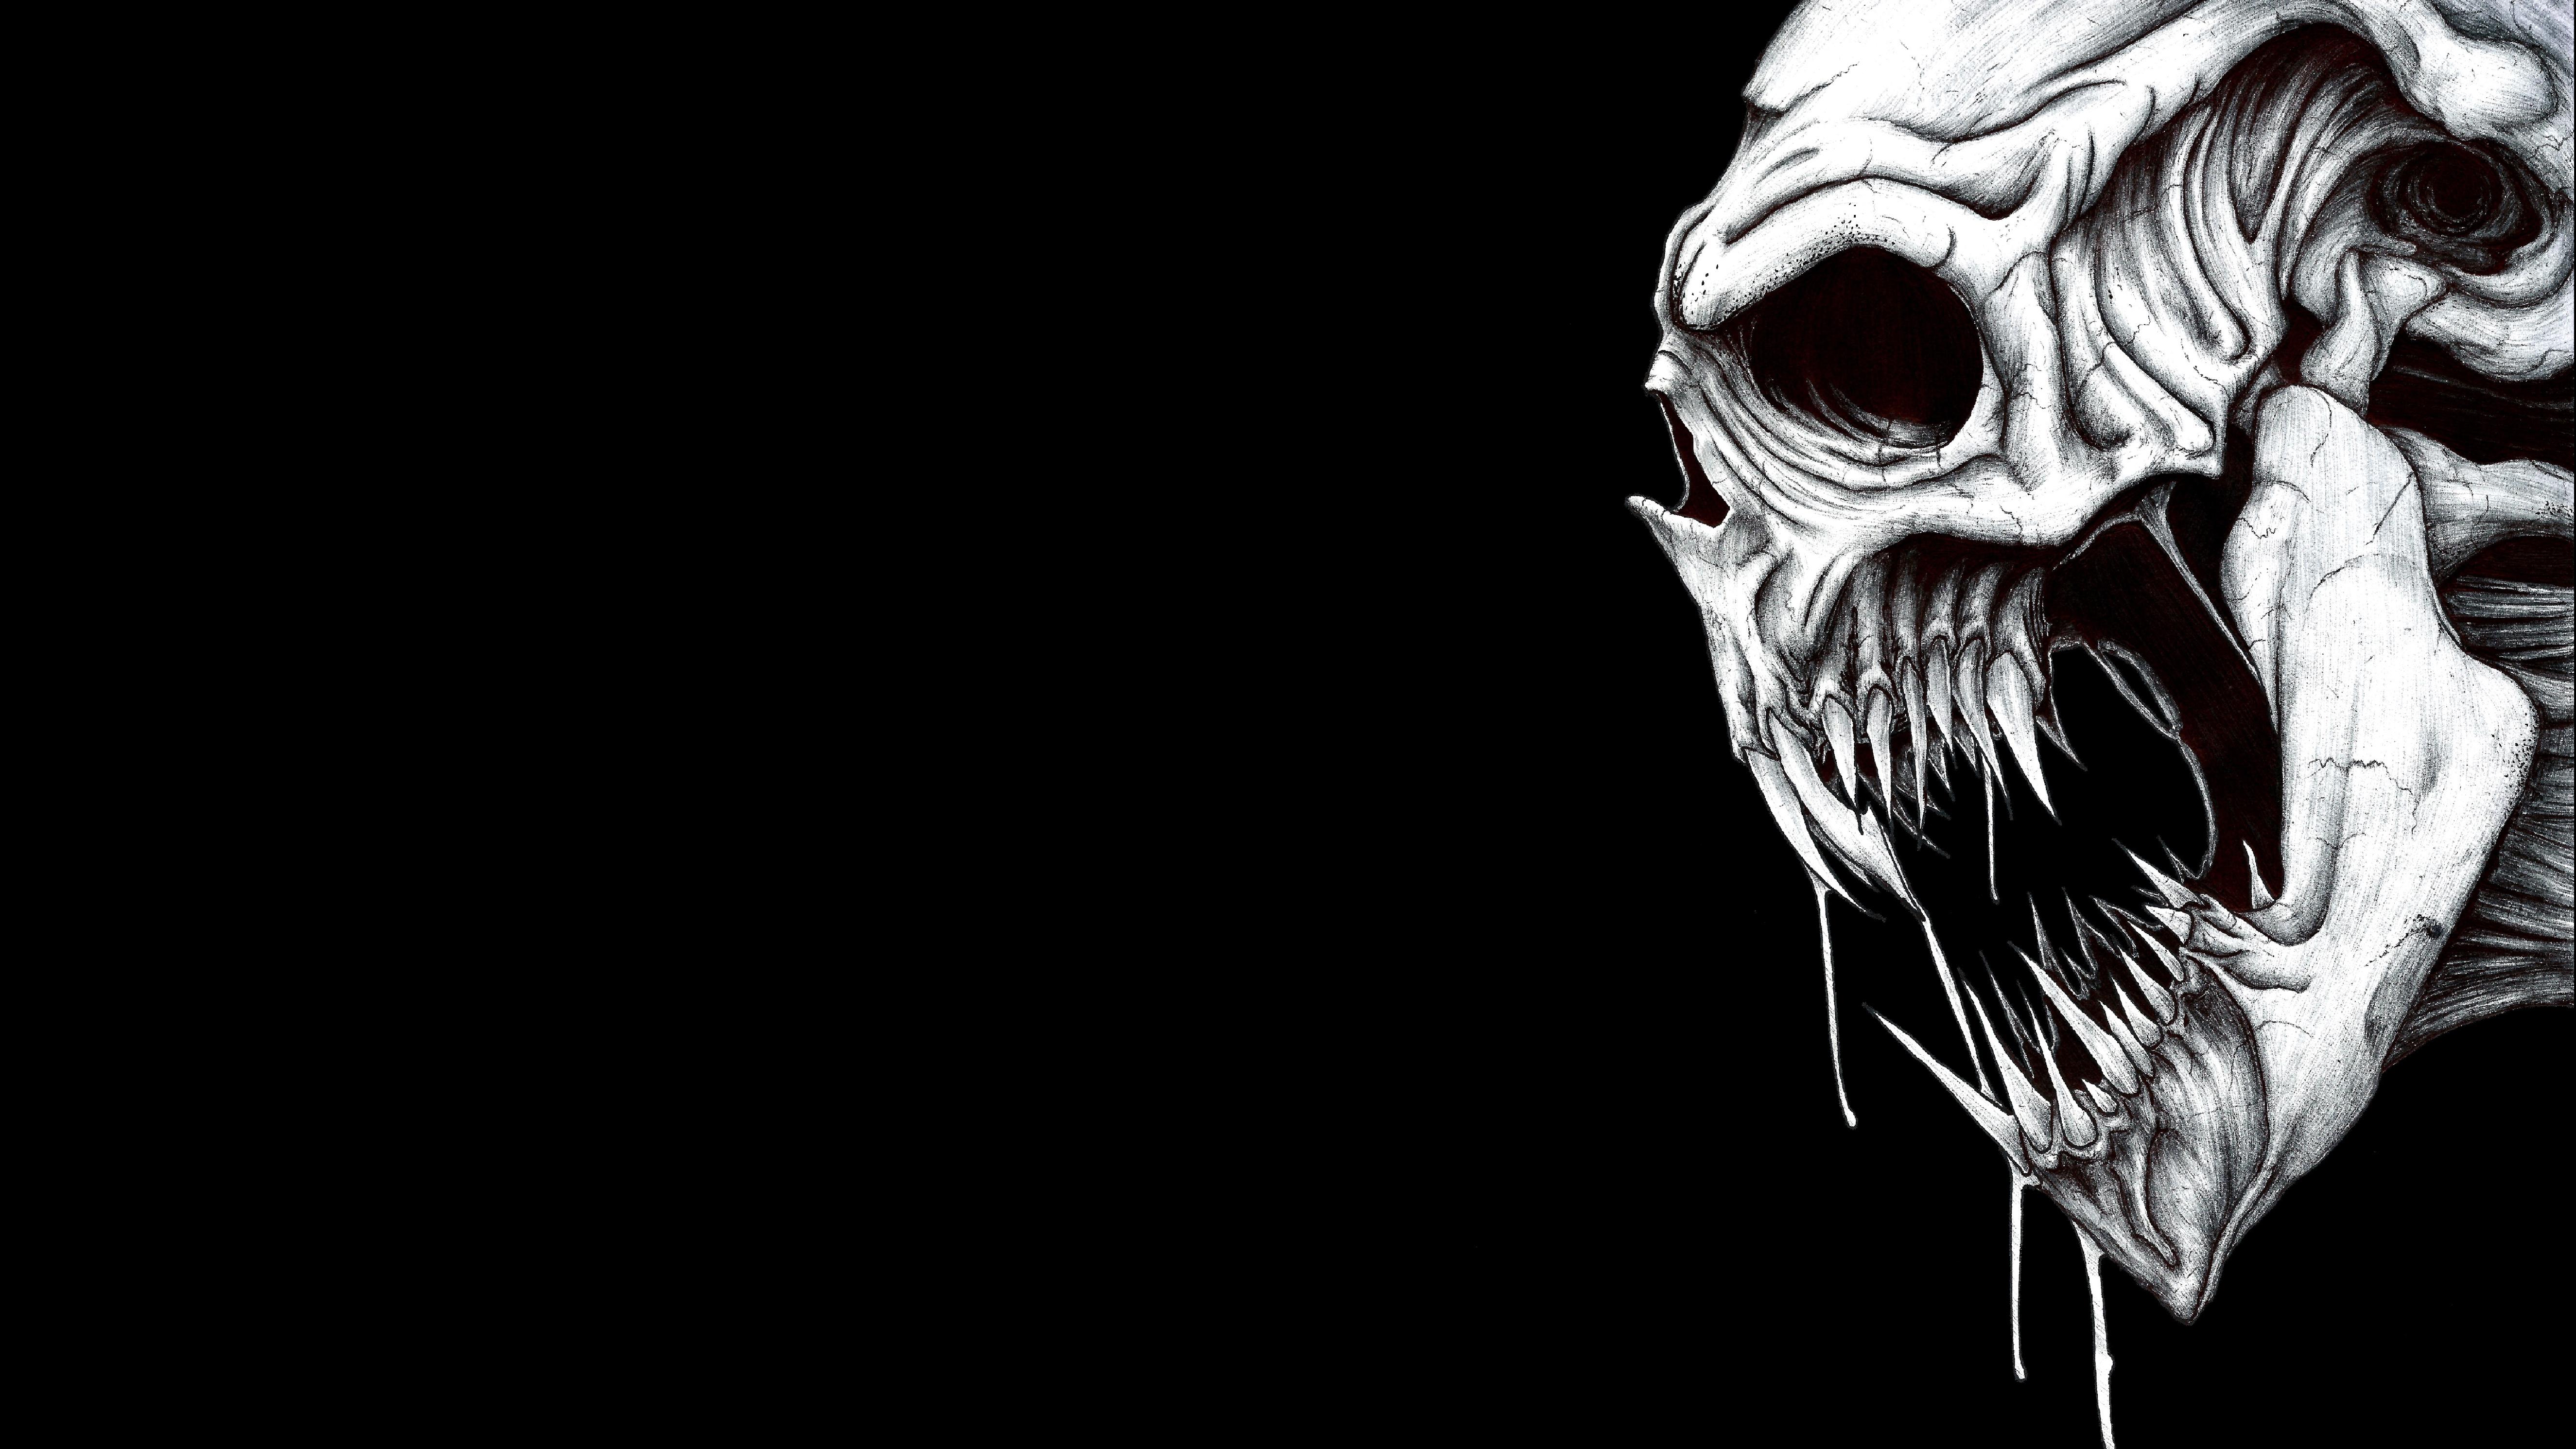 wallpaper skull